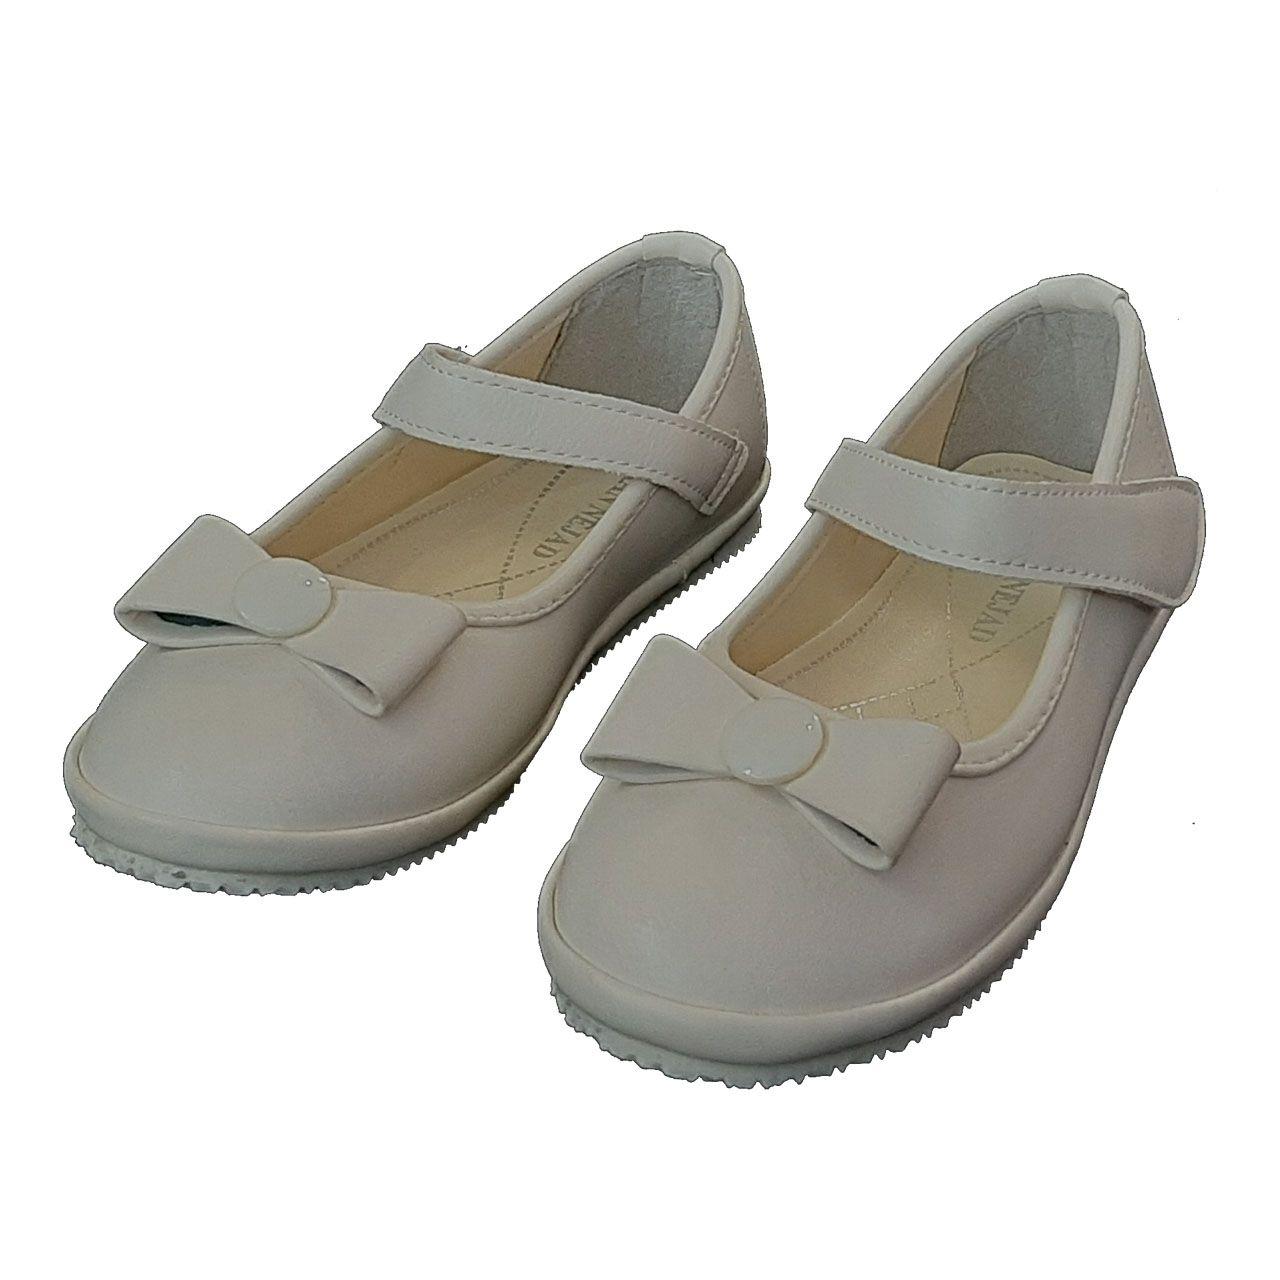 کفش دخترانه کد 1397 -  - 2